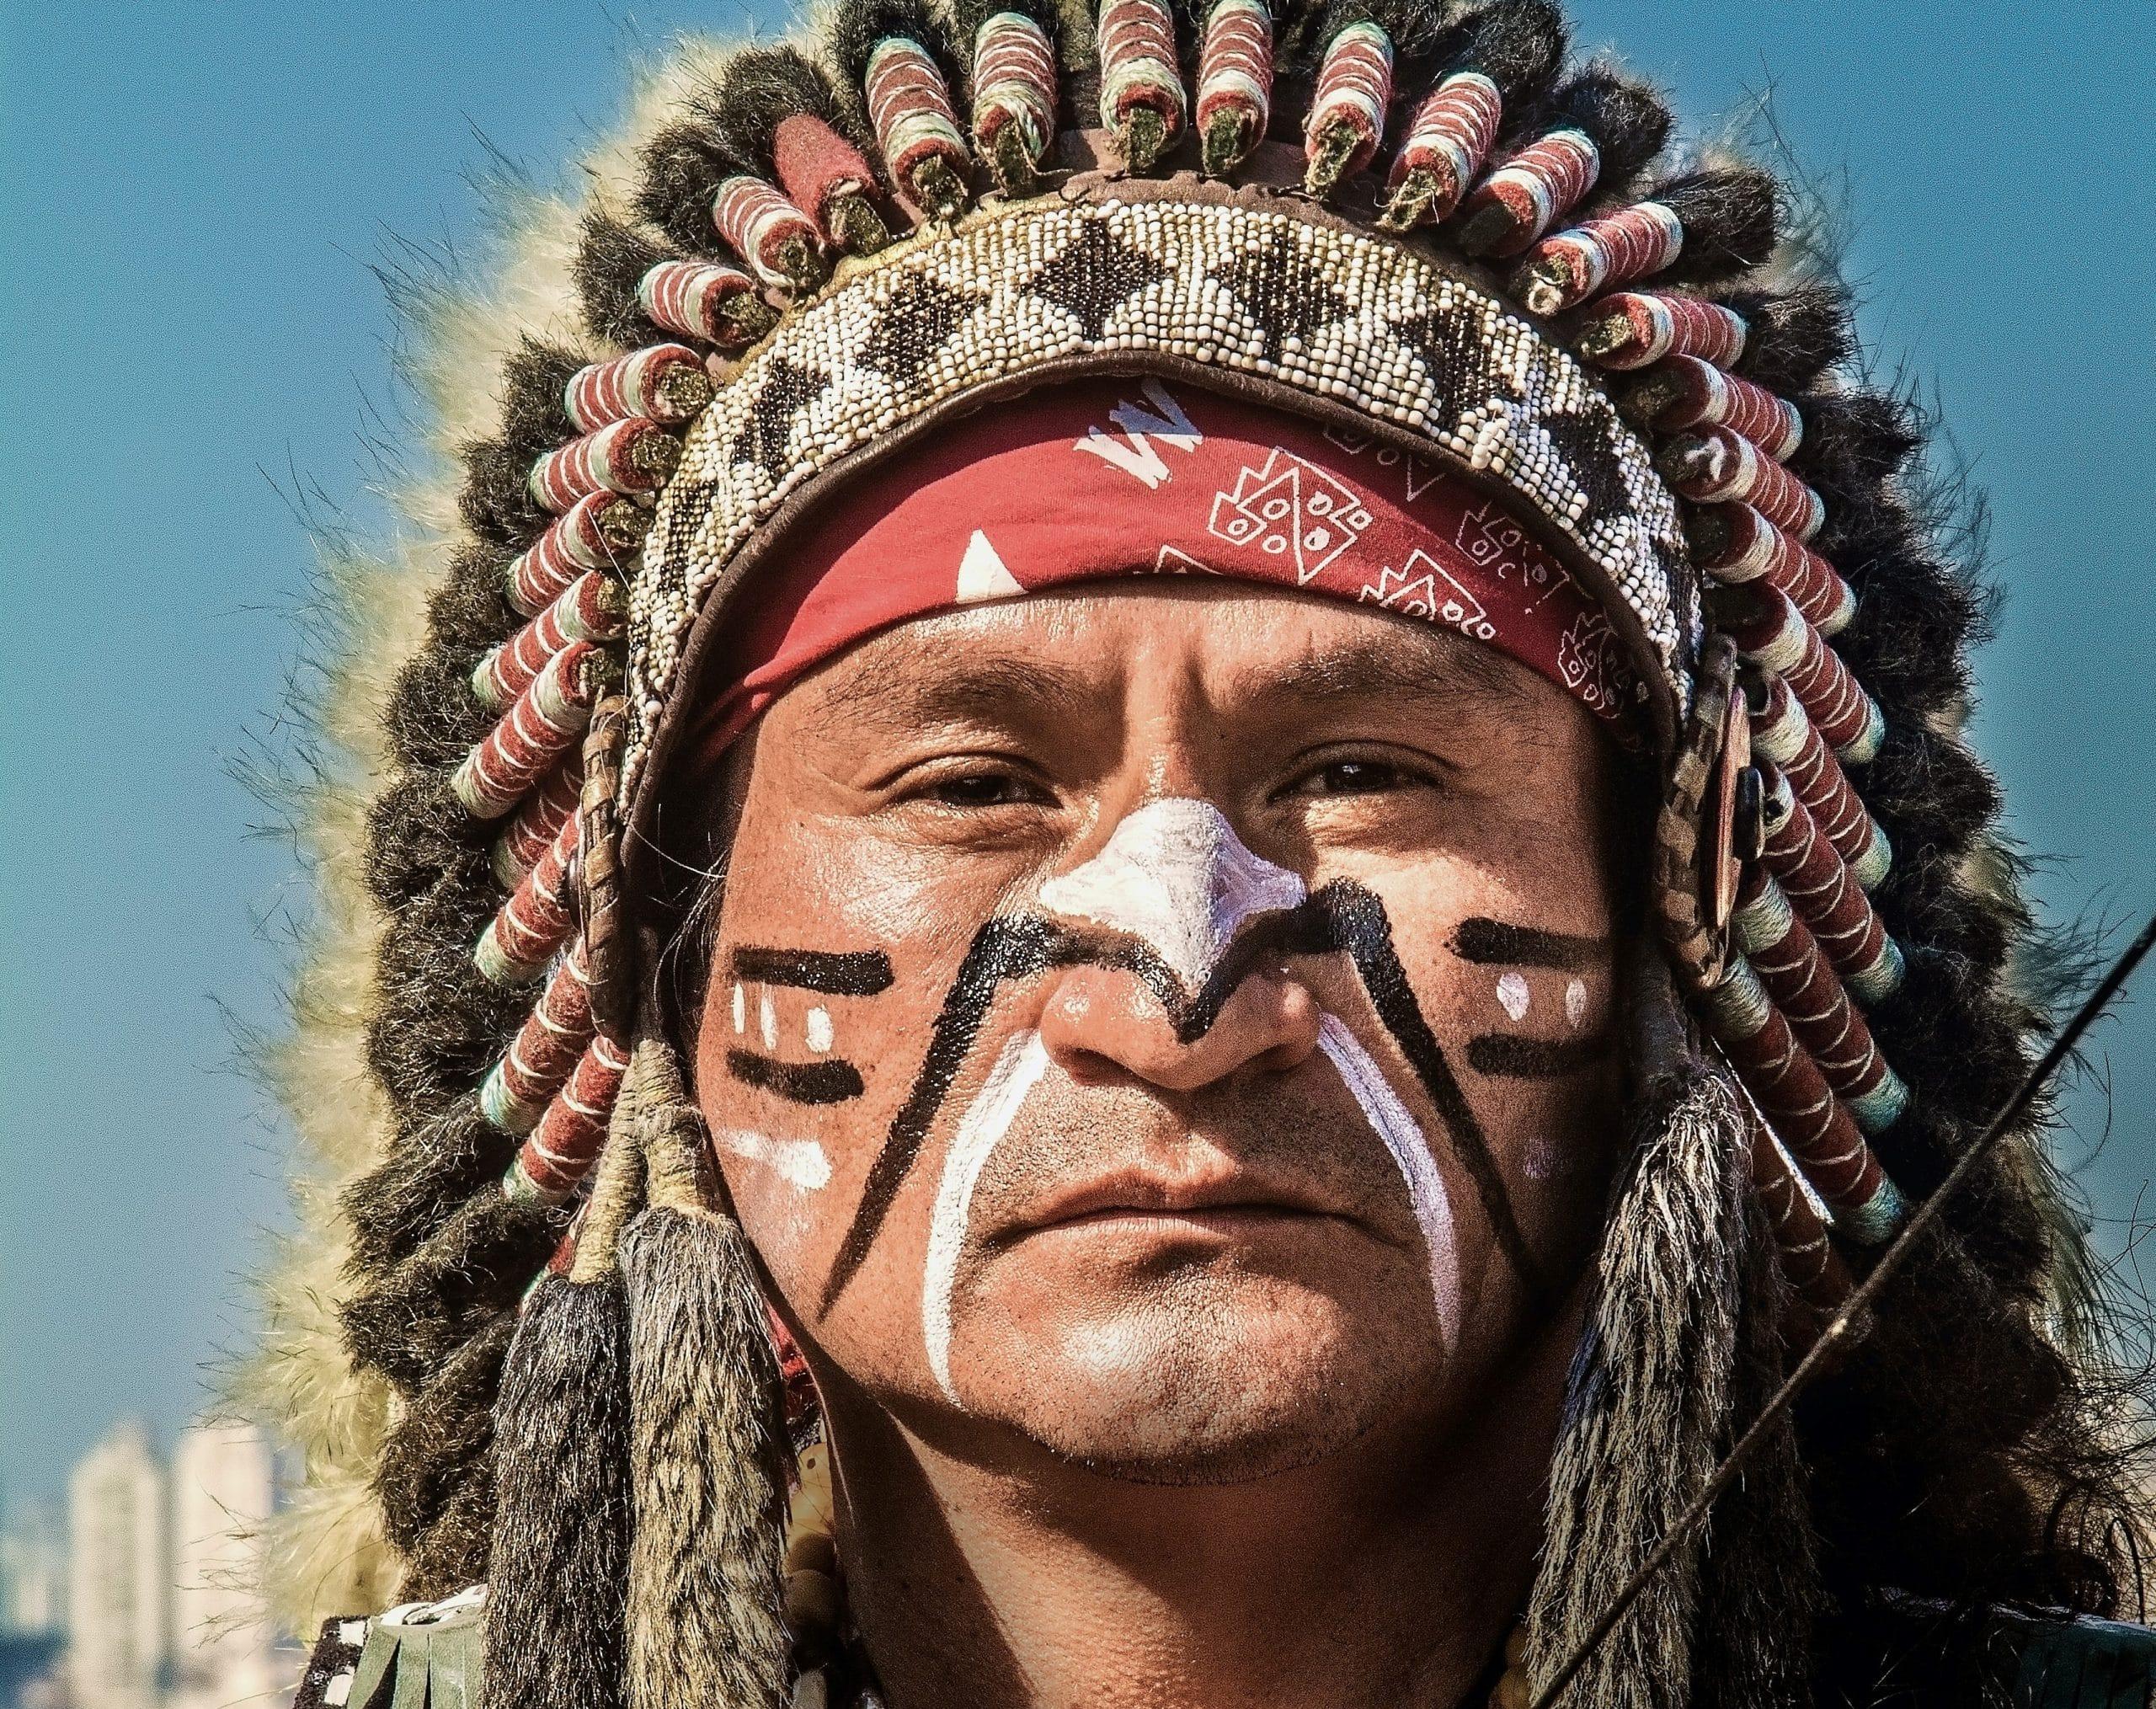 Rosto de índio com cocar visto de perto